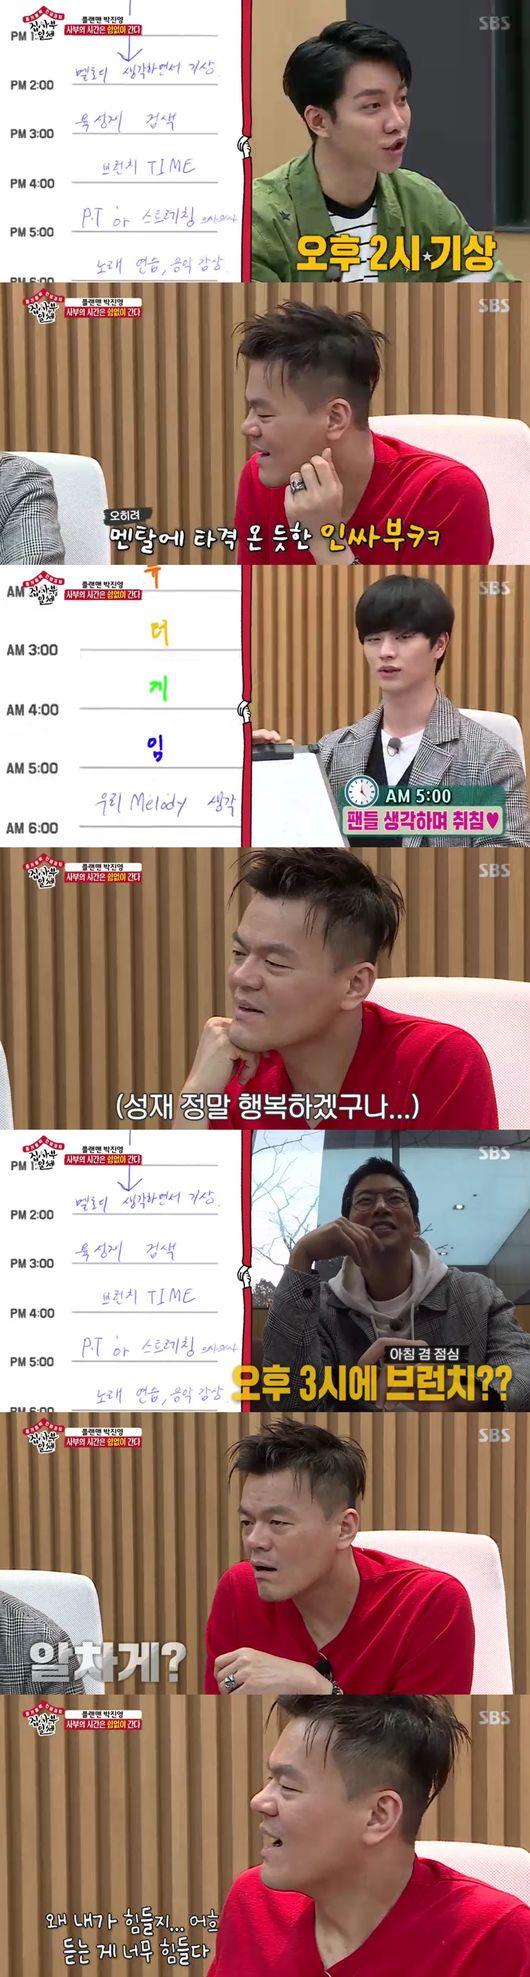 '집사부일체' 박진영, 국보급 '1조